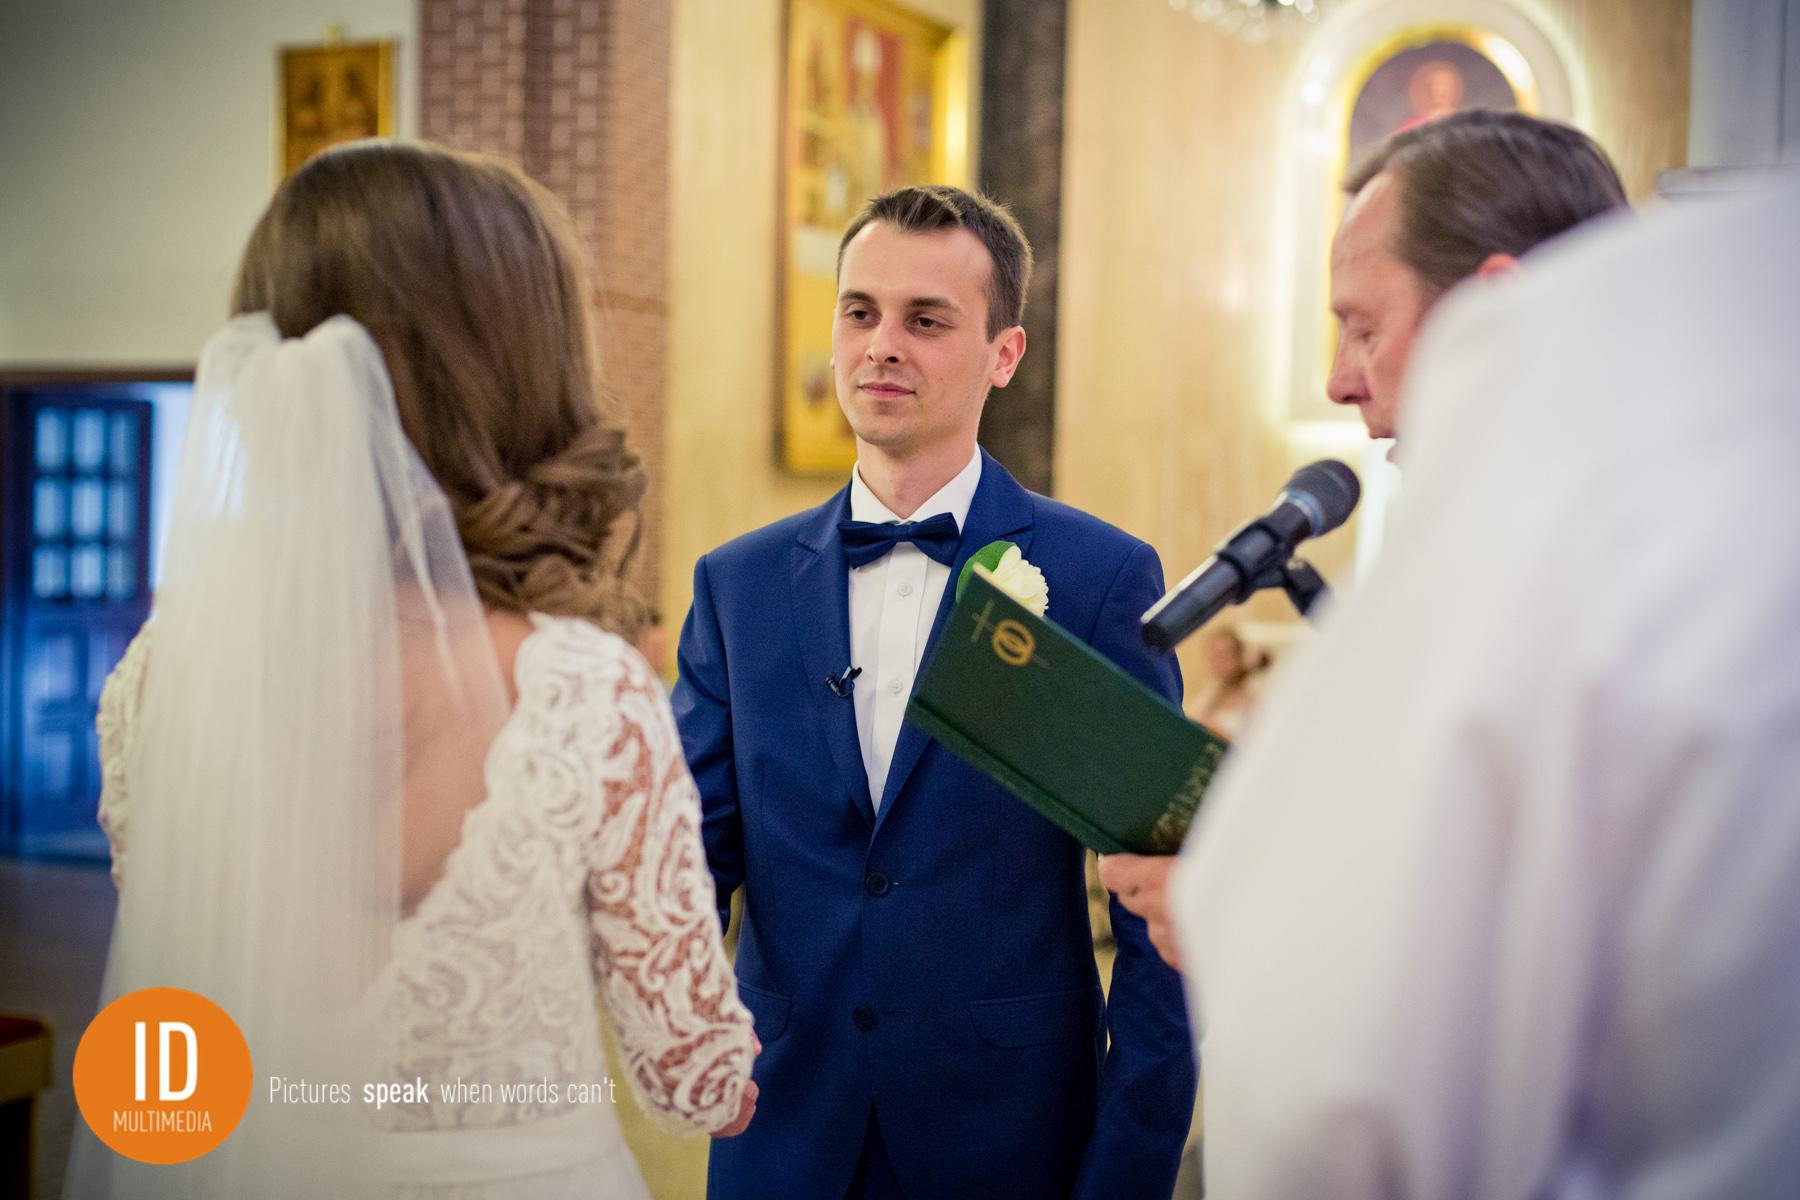 Przysięga kościelna zdjęcia ślubne Idmultimedia